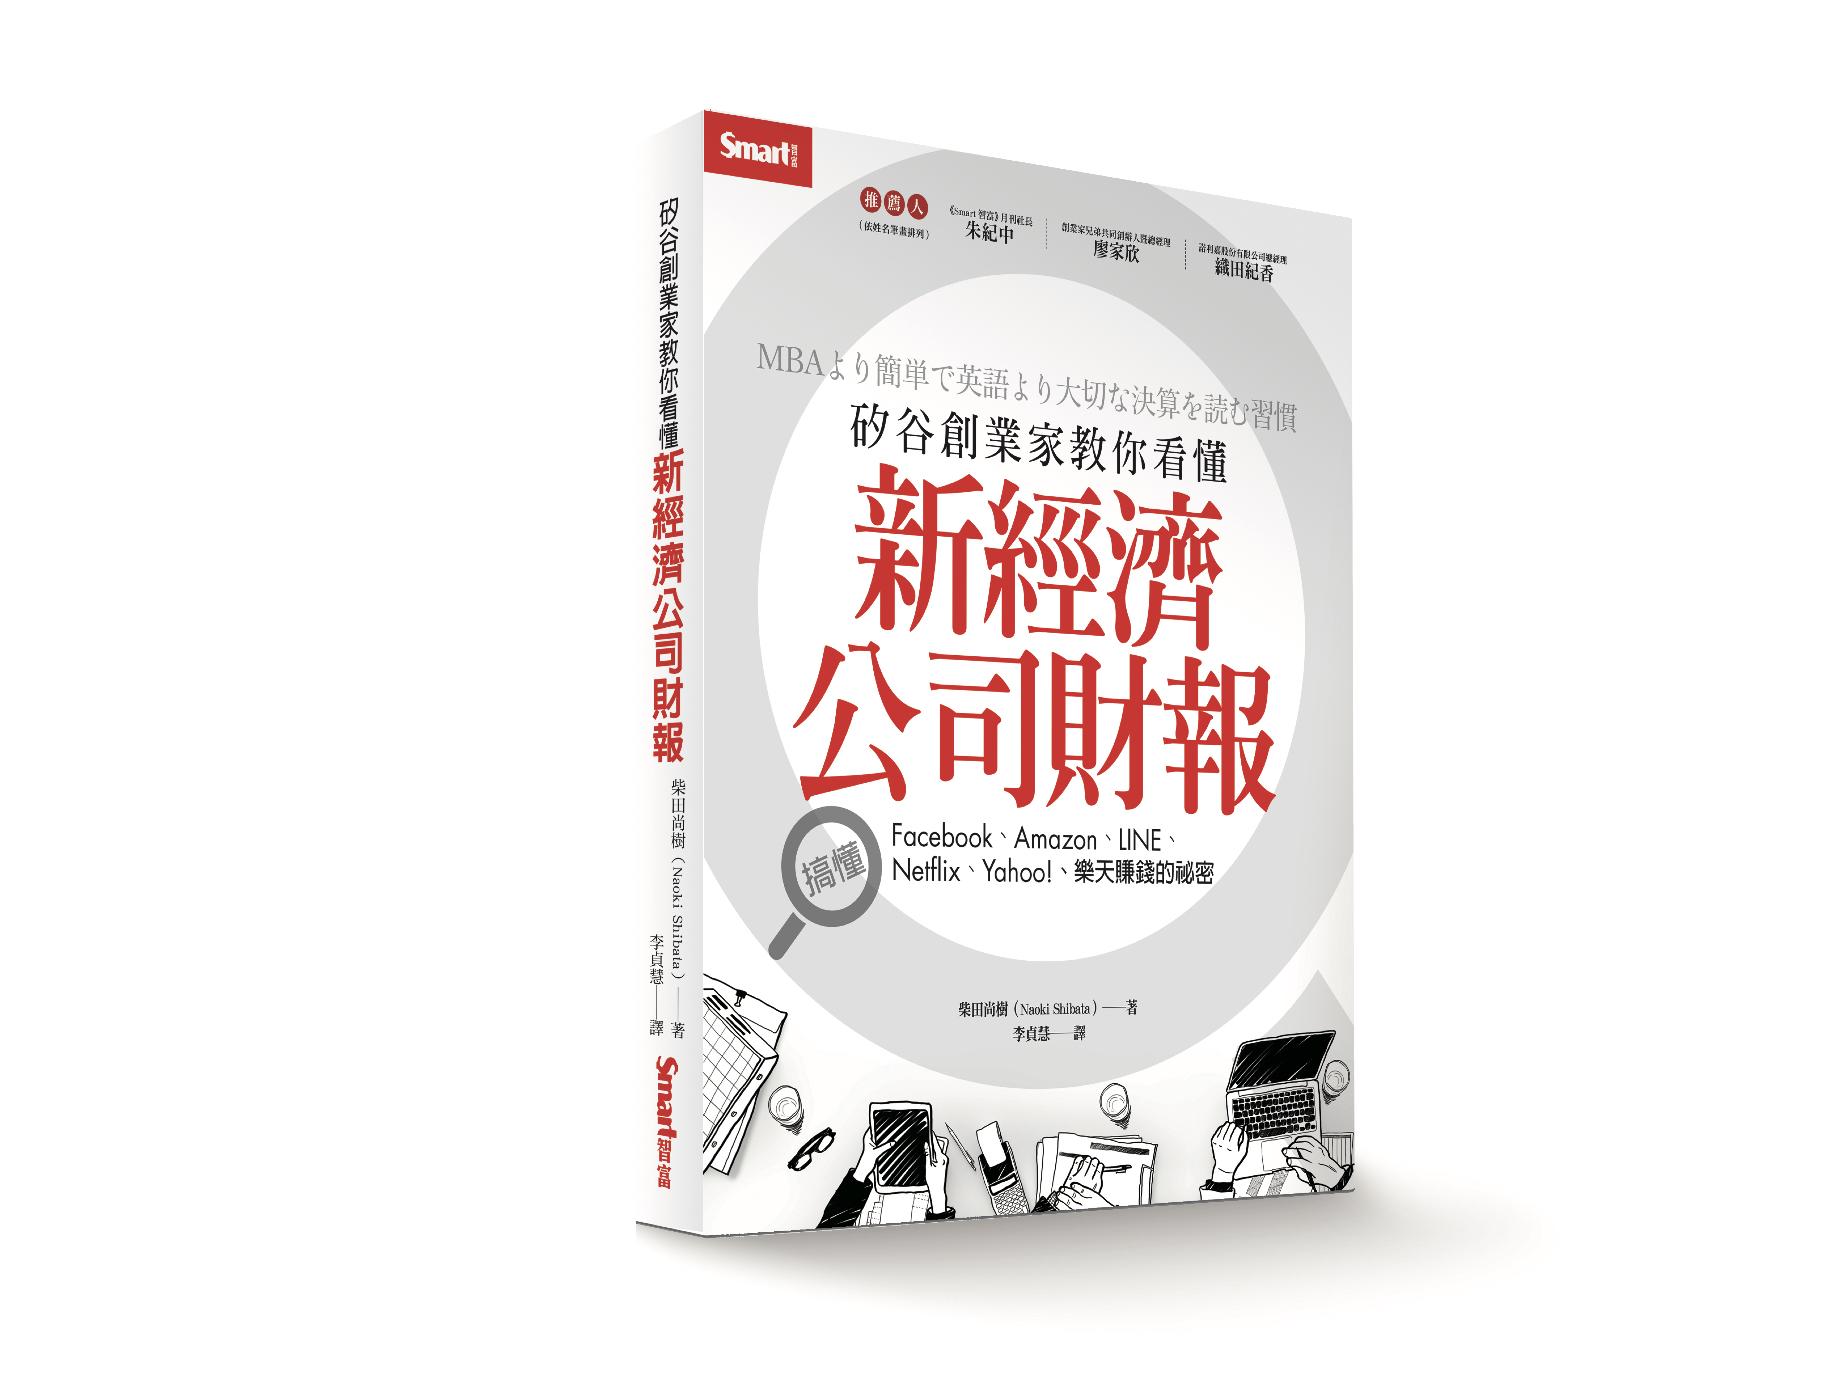 新書搶先看》搞懂LINE賺錢的祕密,程序化廣告營收成長潛力最大